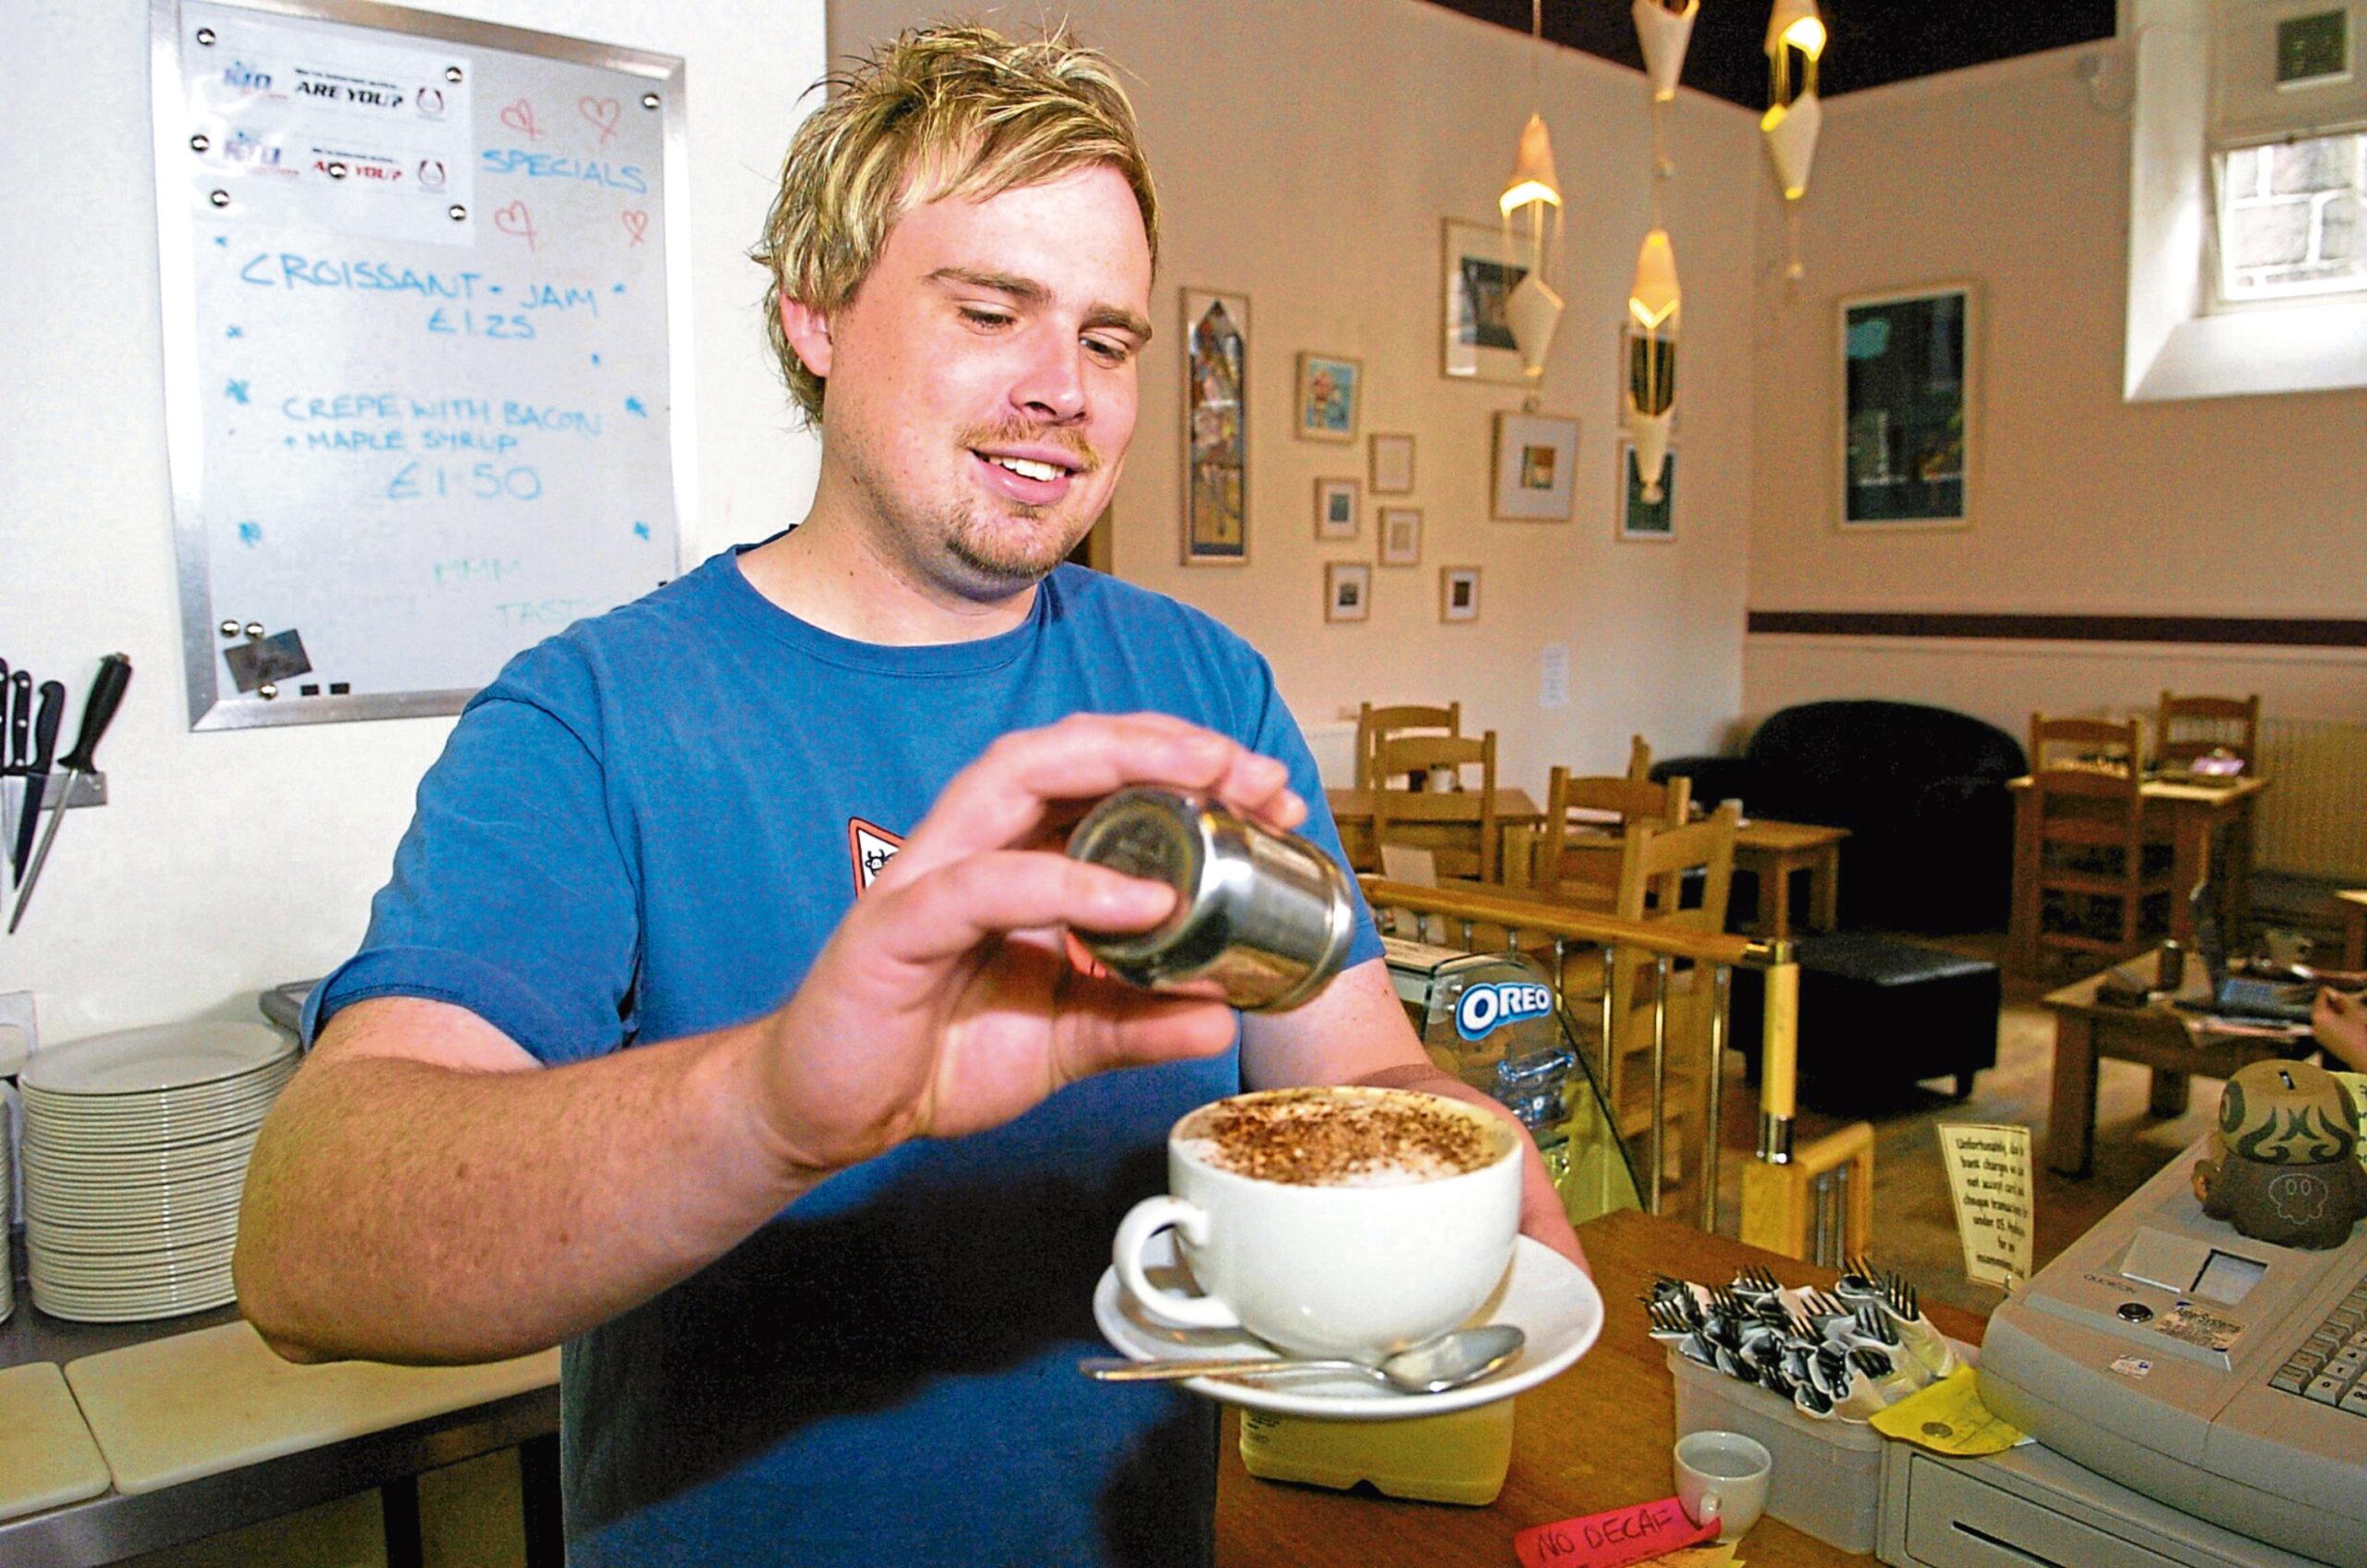 Craig Adam runs the Kilau Cafe